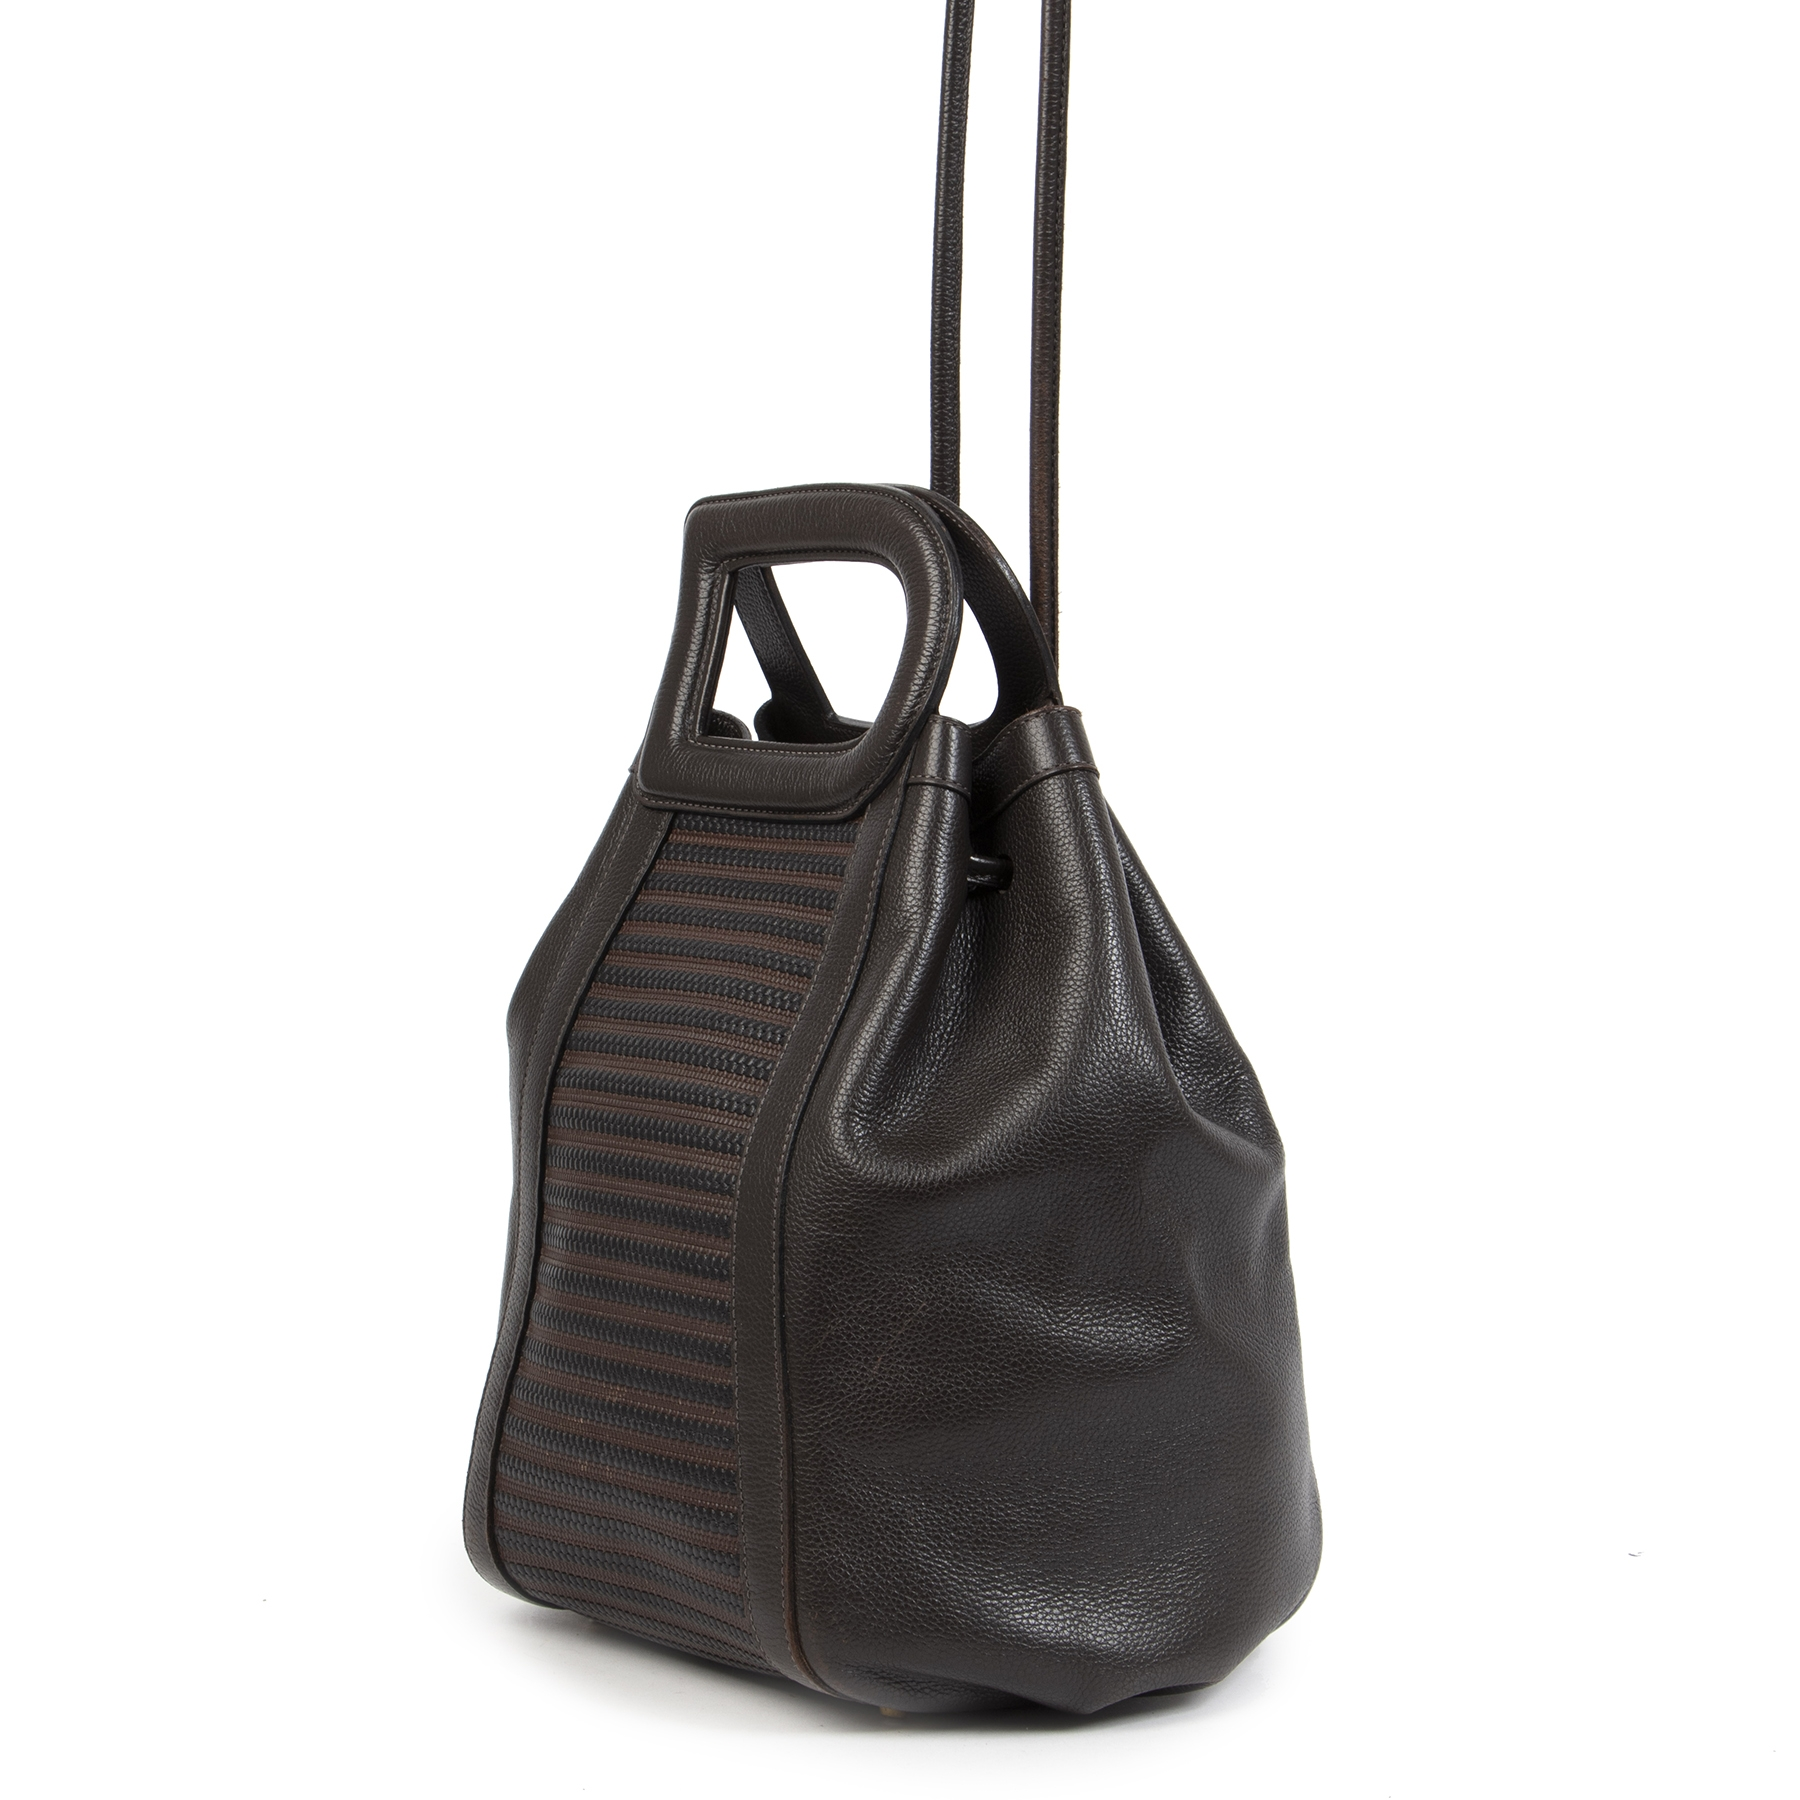 Authentic second-hand vintage Delvaux Caraibes Brown Toile De Cuir Bag buy online webshop LabelLOV